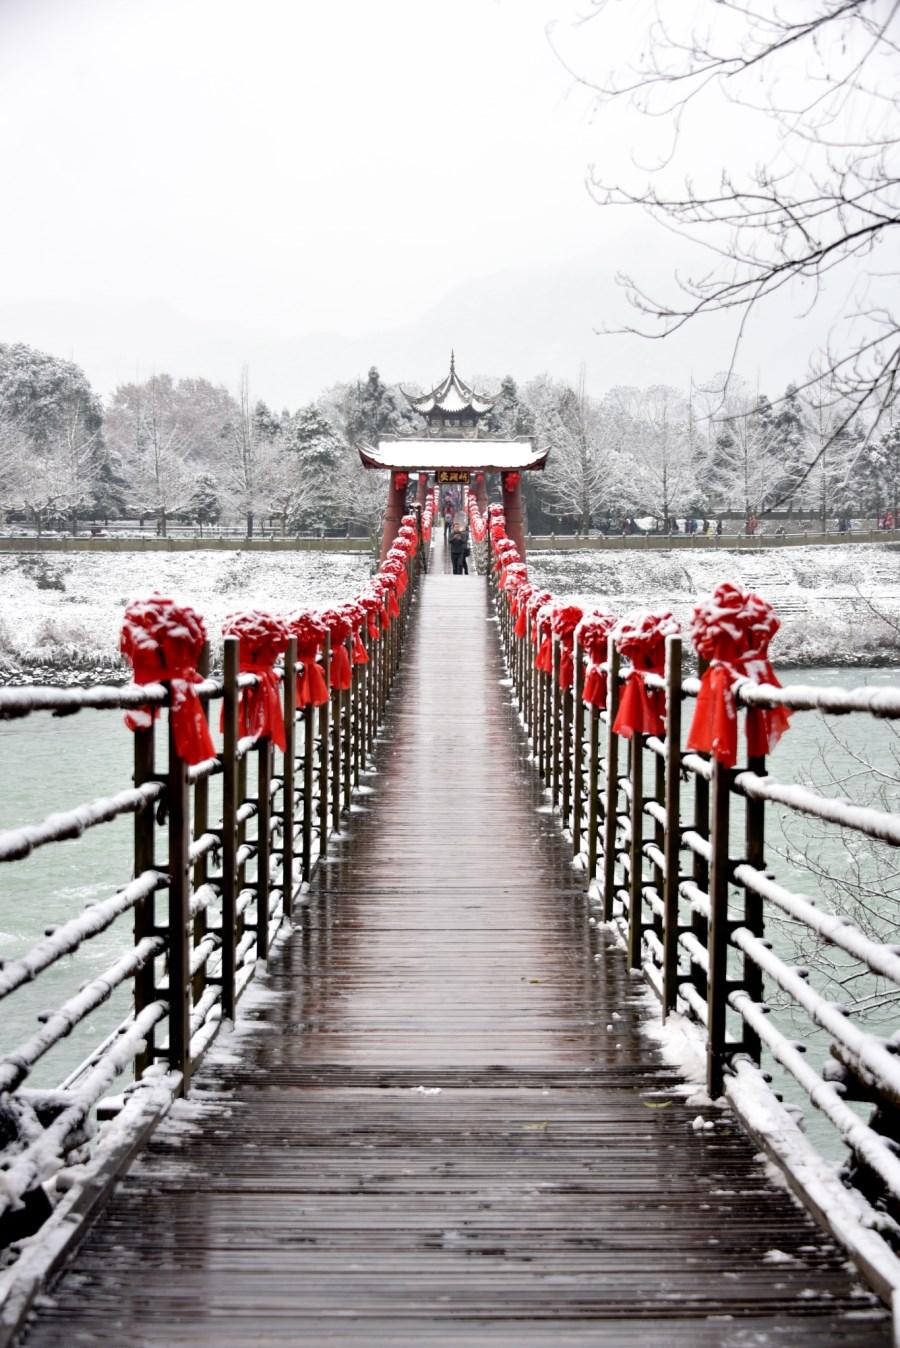 安澜索桥降瑞雪